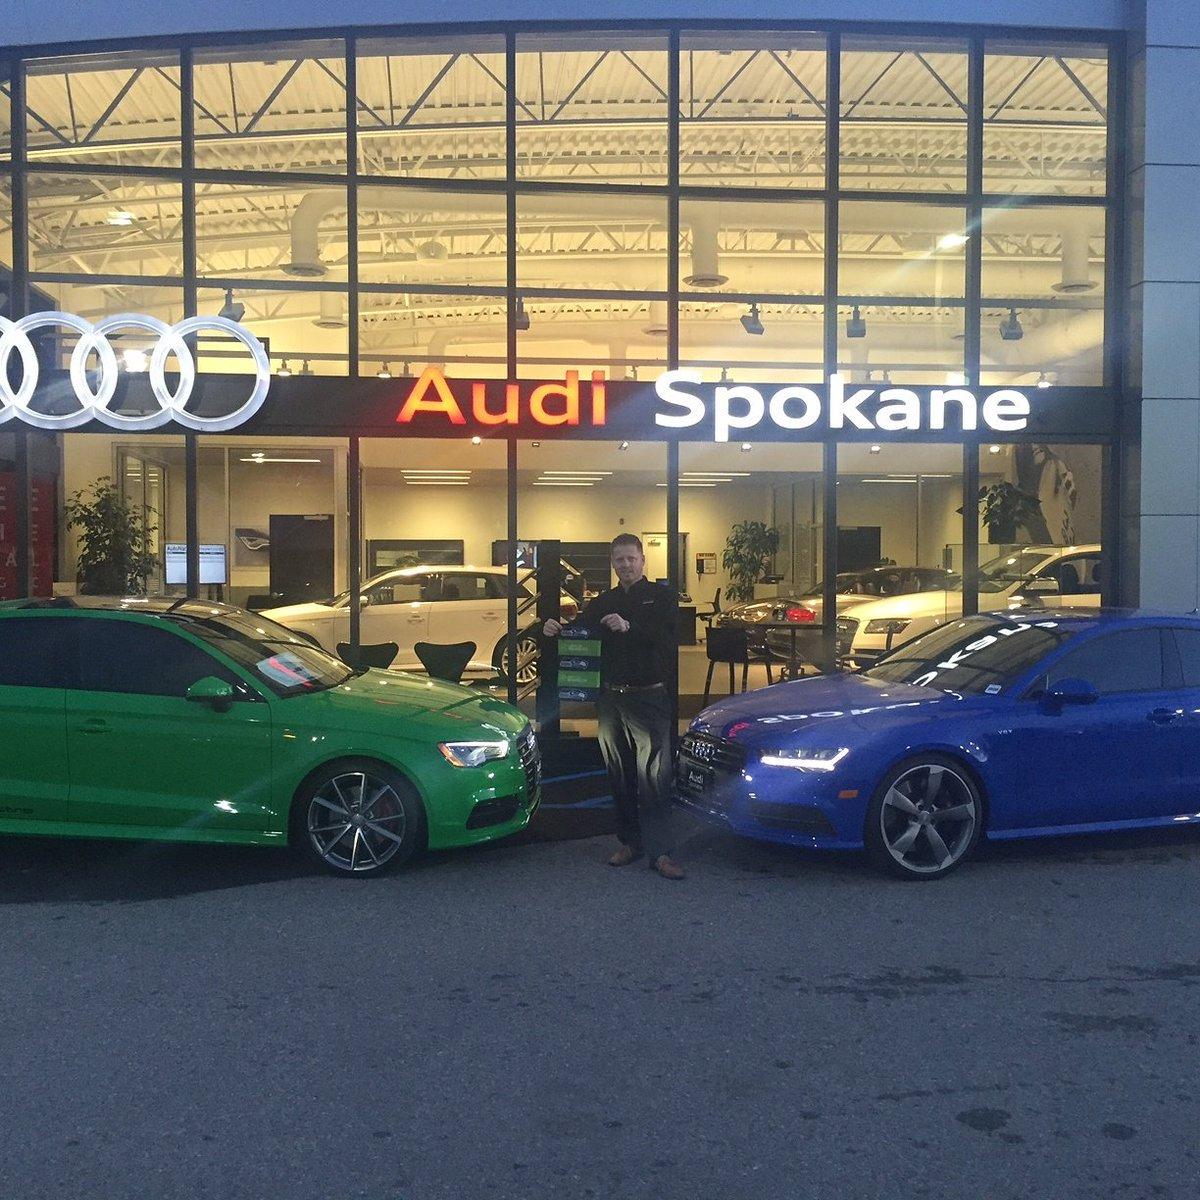 Logan Neil LowkeyuLogan Twitter - Audi spokane